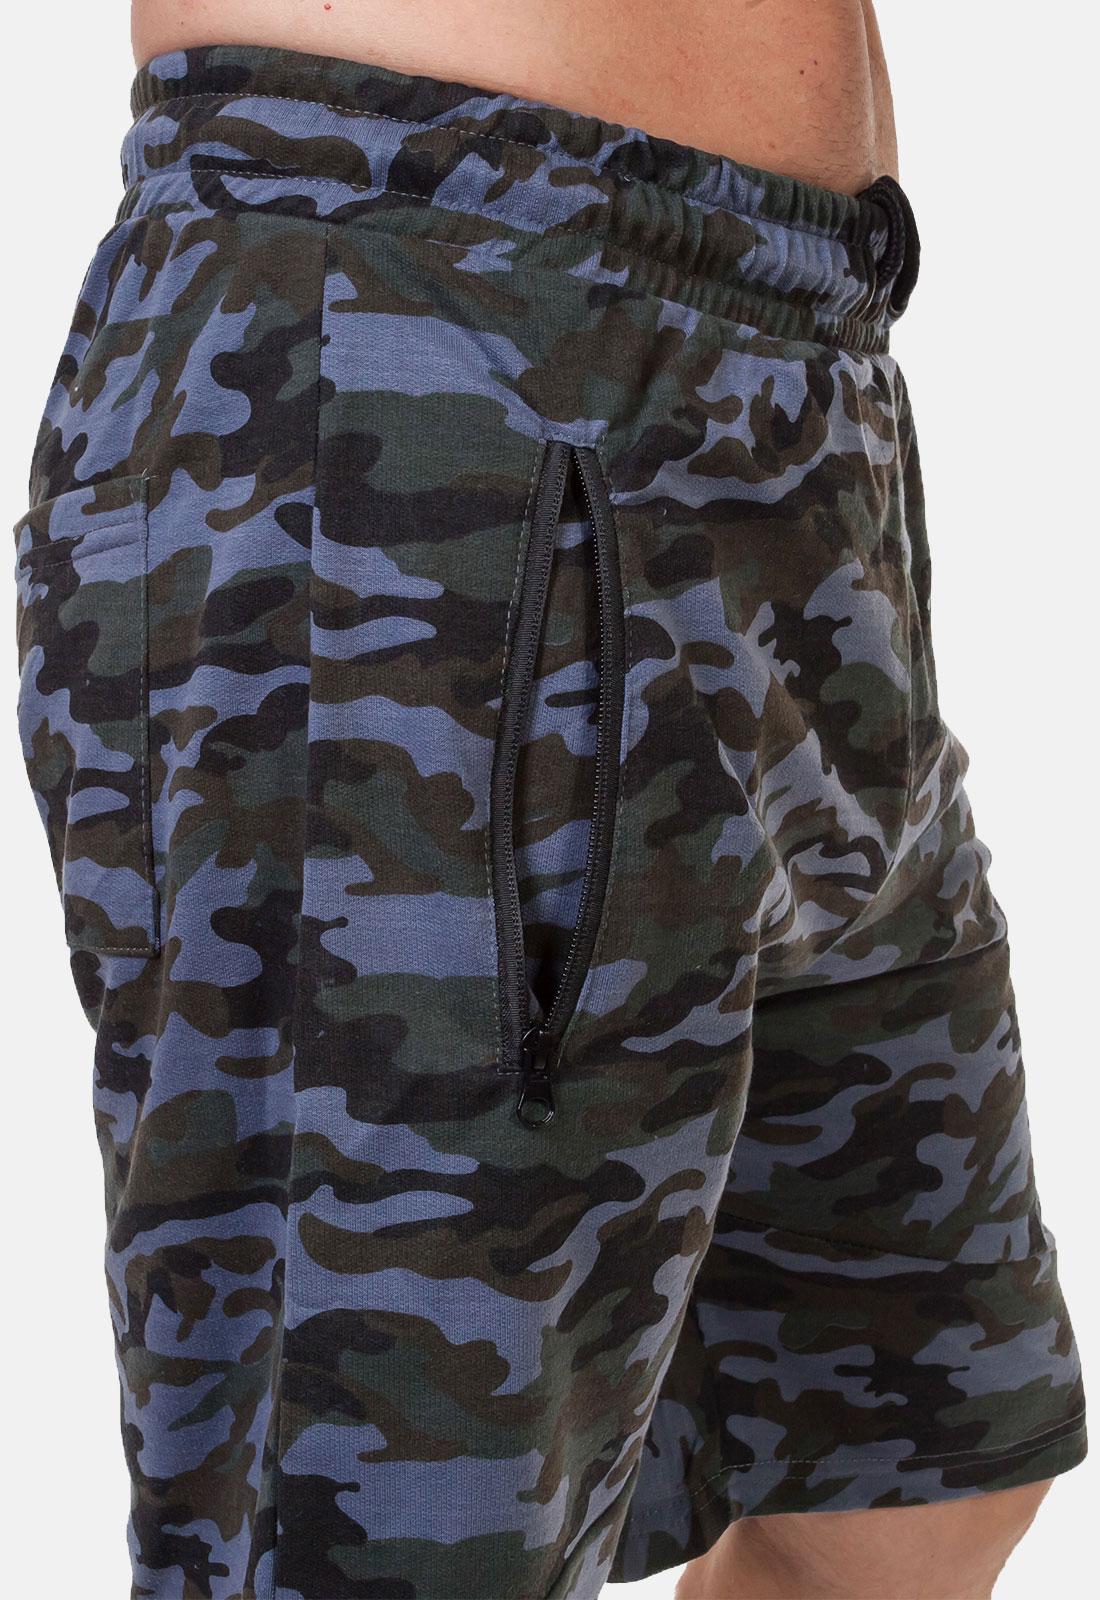 Надежные милитари шорты с нашивкой Росгвардия - купить с доставкой